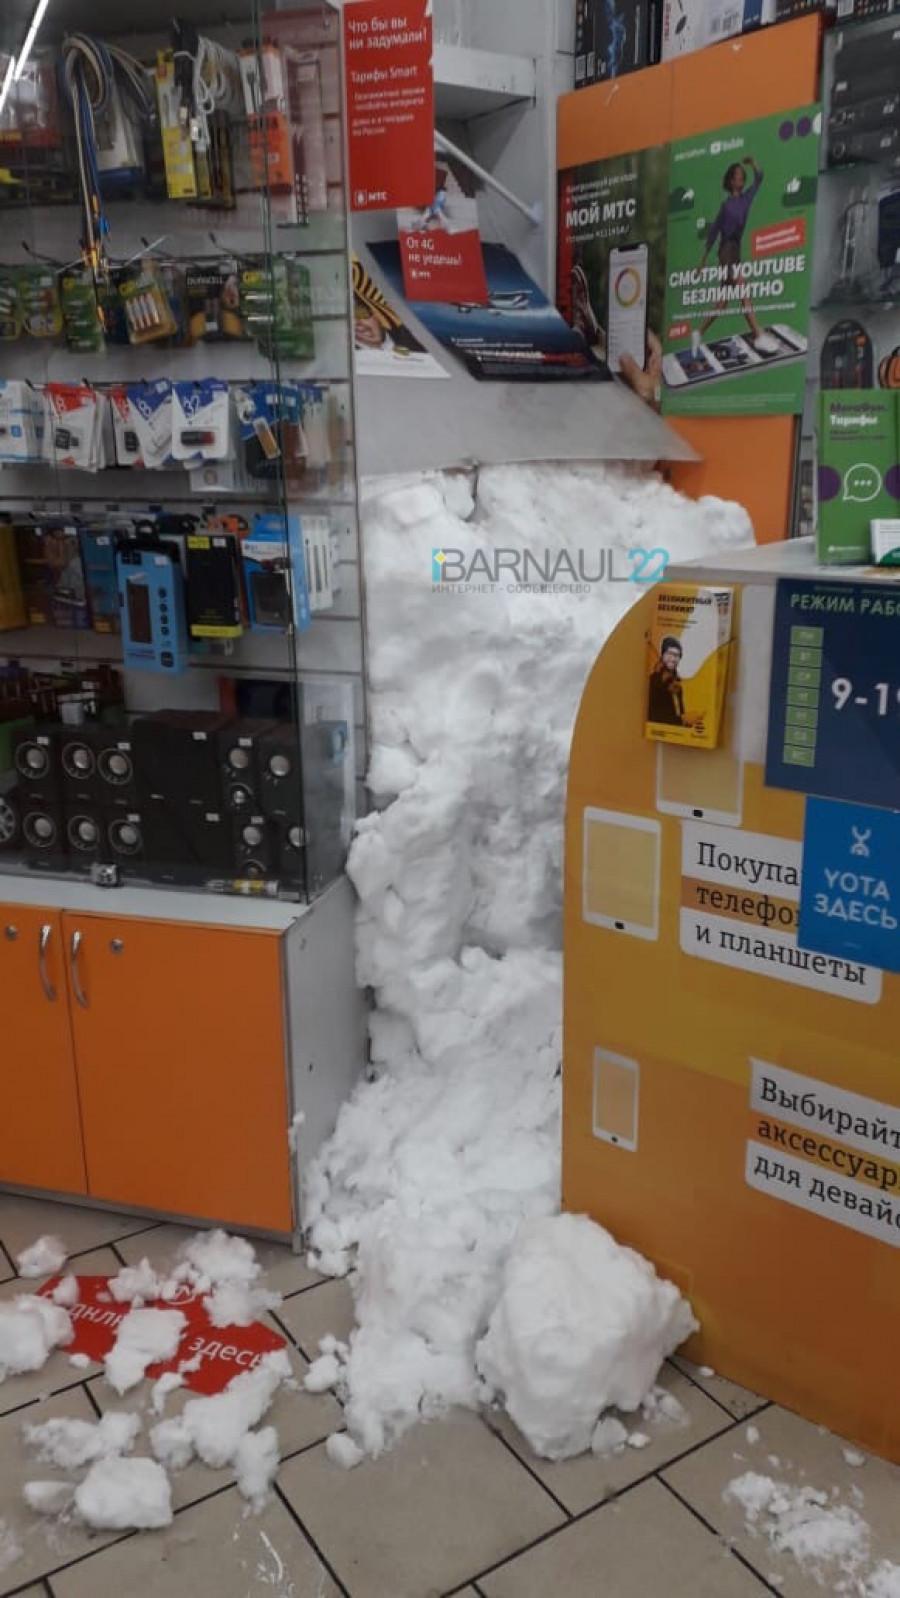 Снег в магазине.